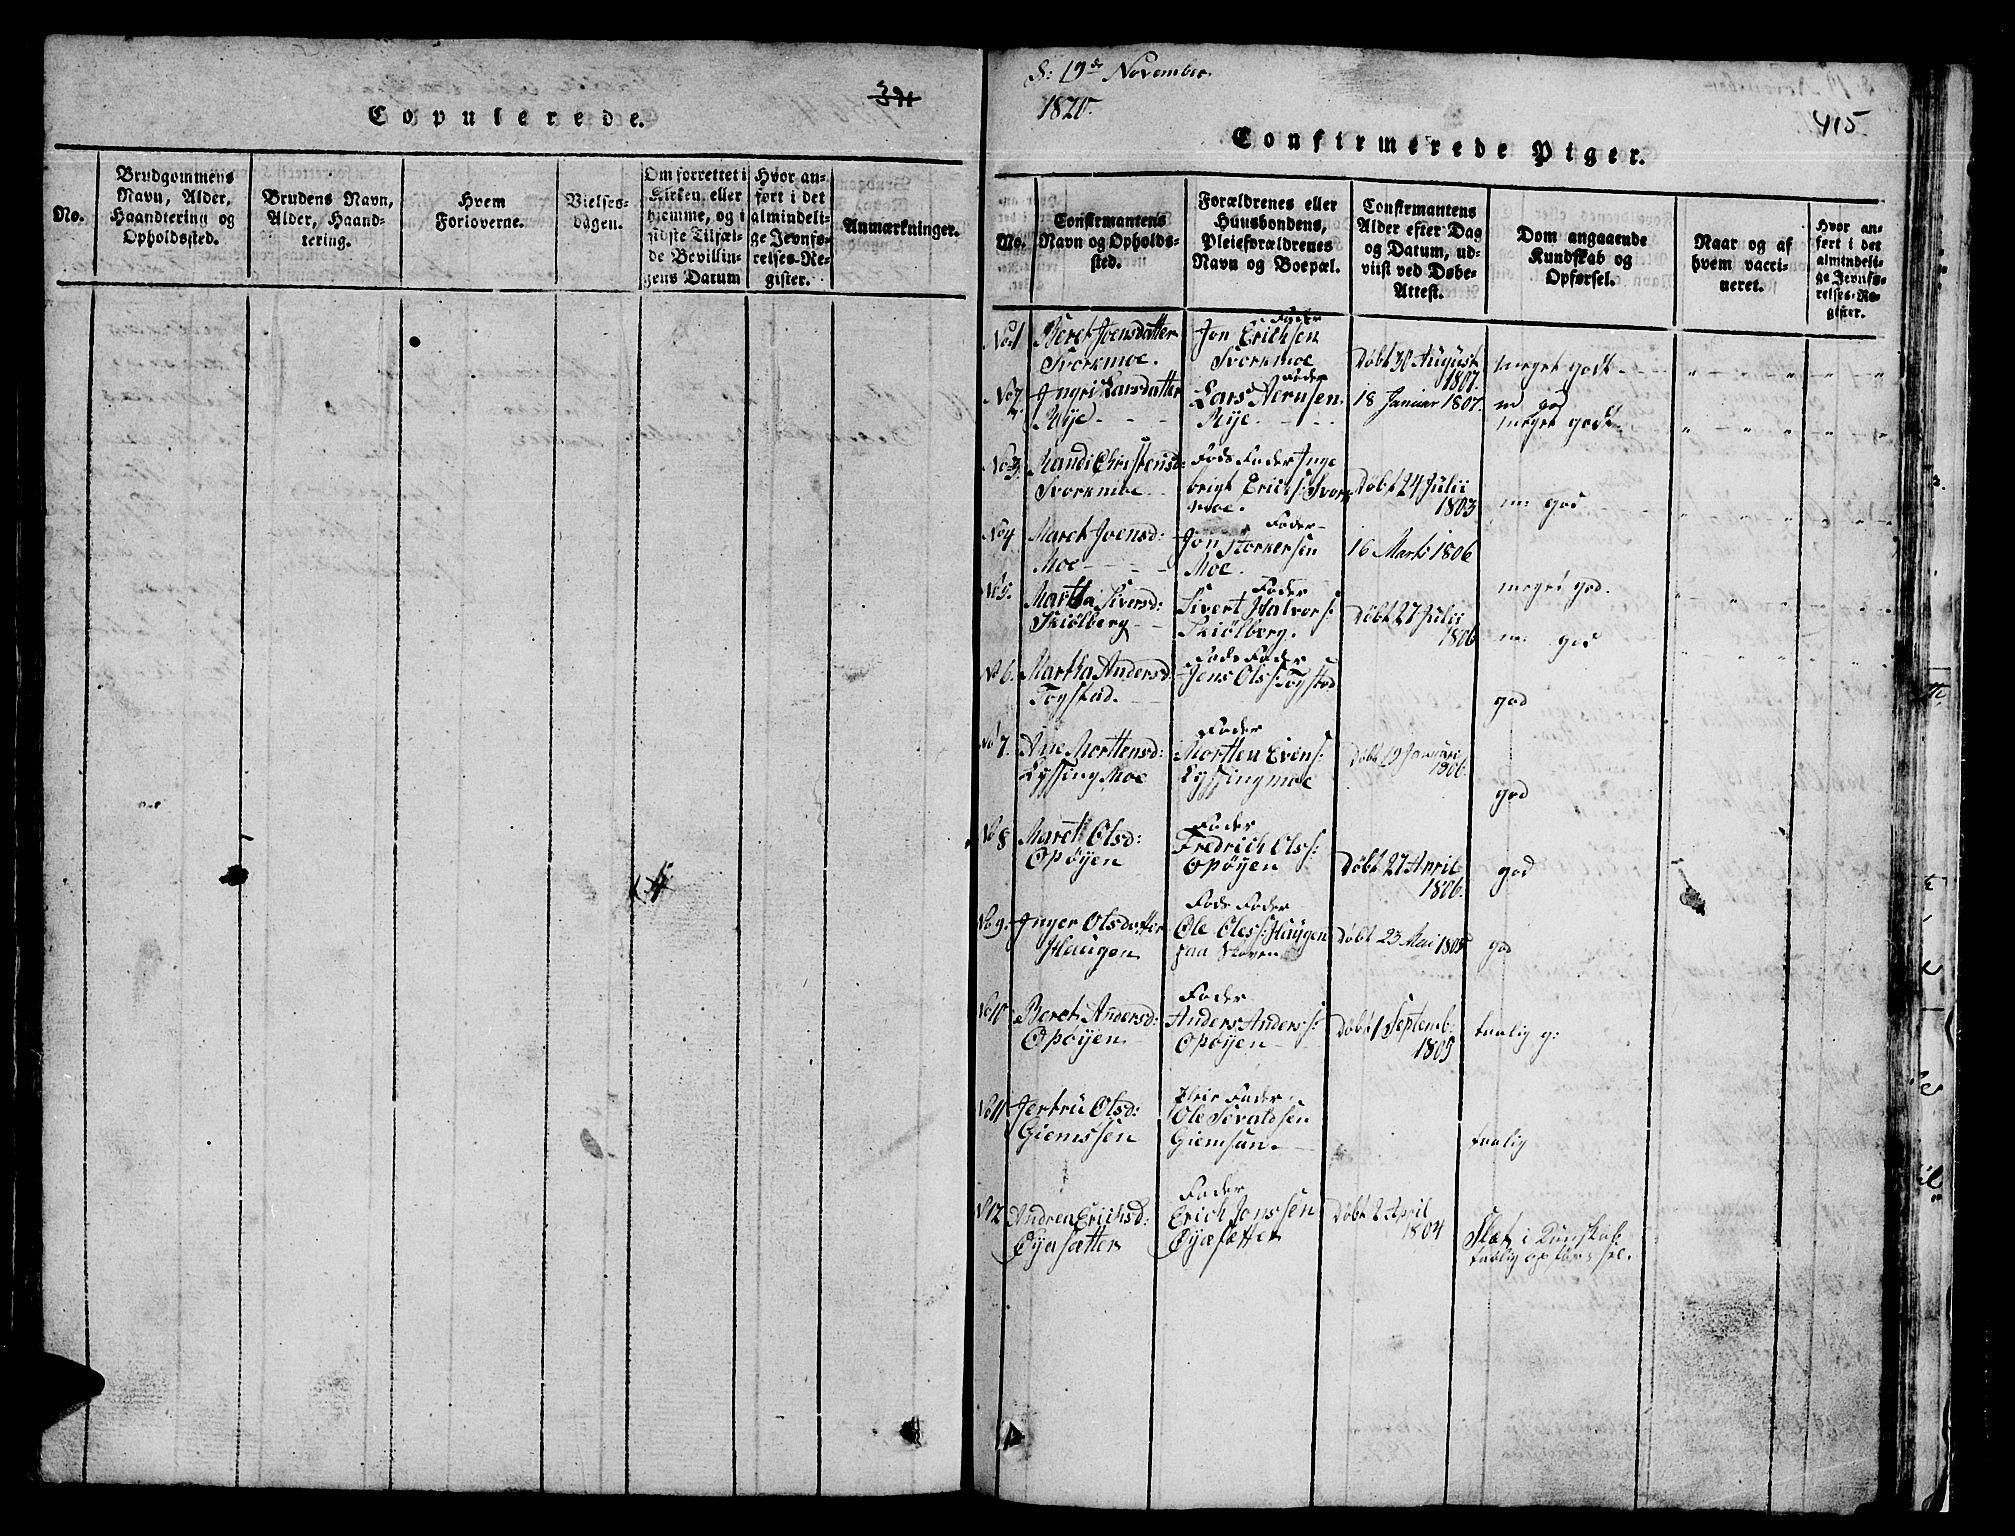 SAT, Ministerialprotokoller, klokkerbøker og fødselsregistre - Sør-Trøndelag, 671/L0842: Klokkerbok nr. 671C01, 1816-1867, s. 414-415